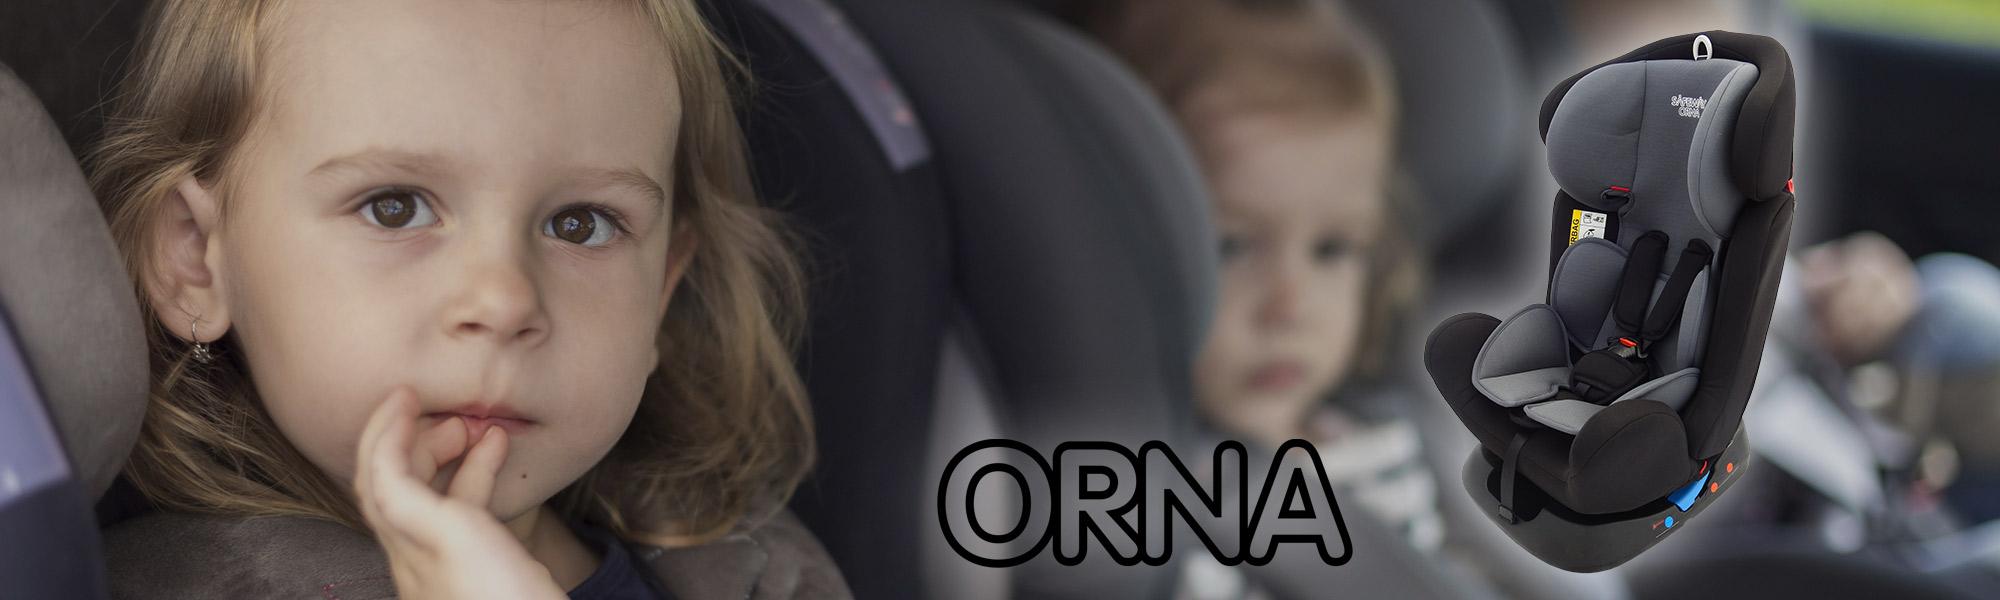 Orna-2000x600